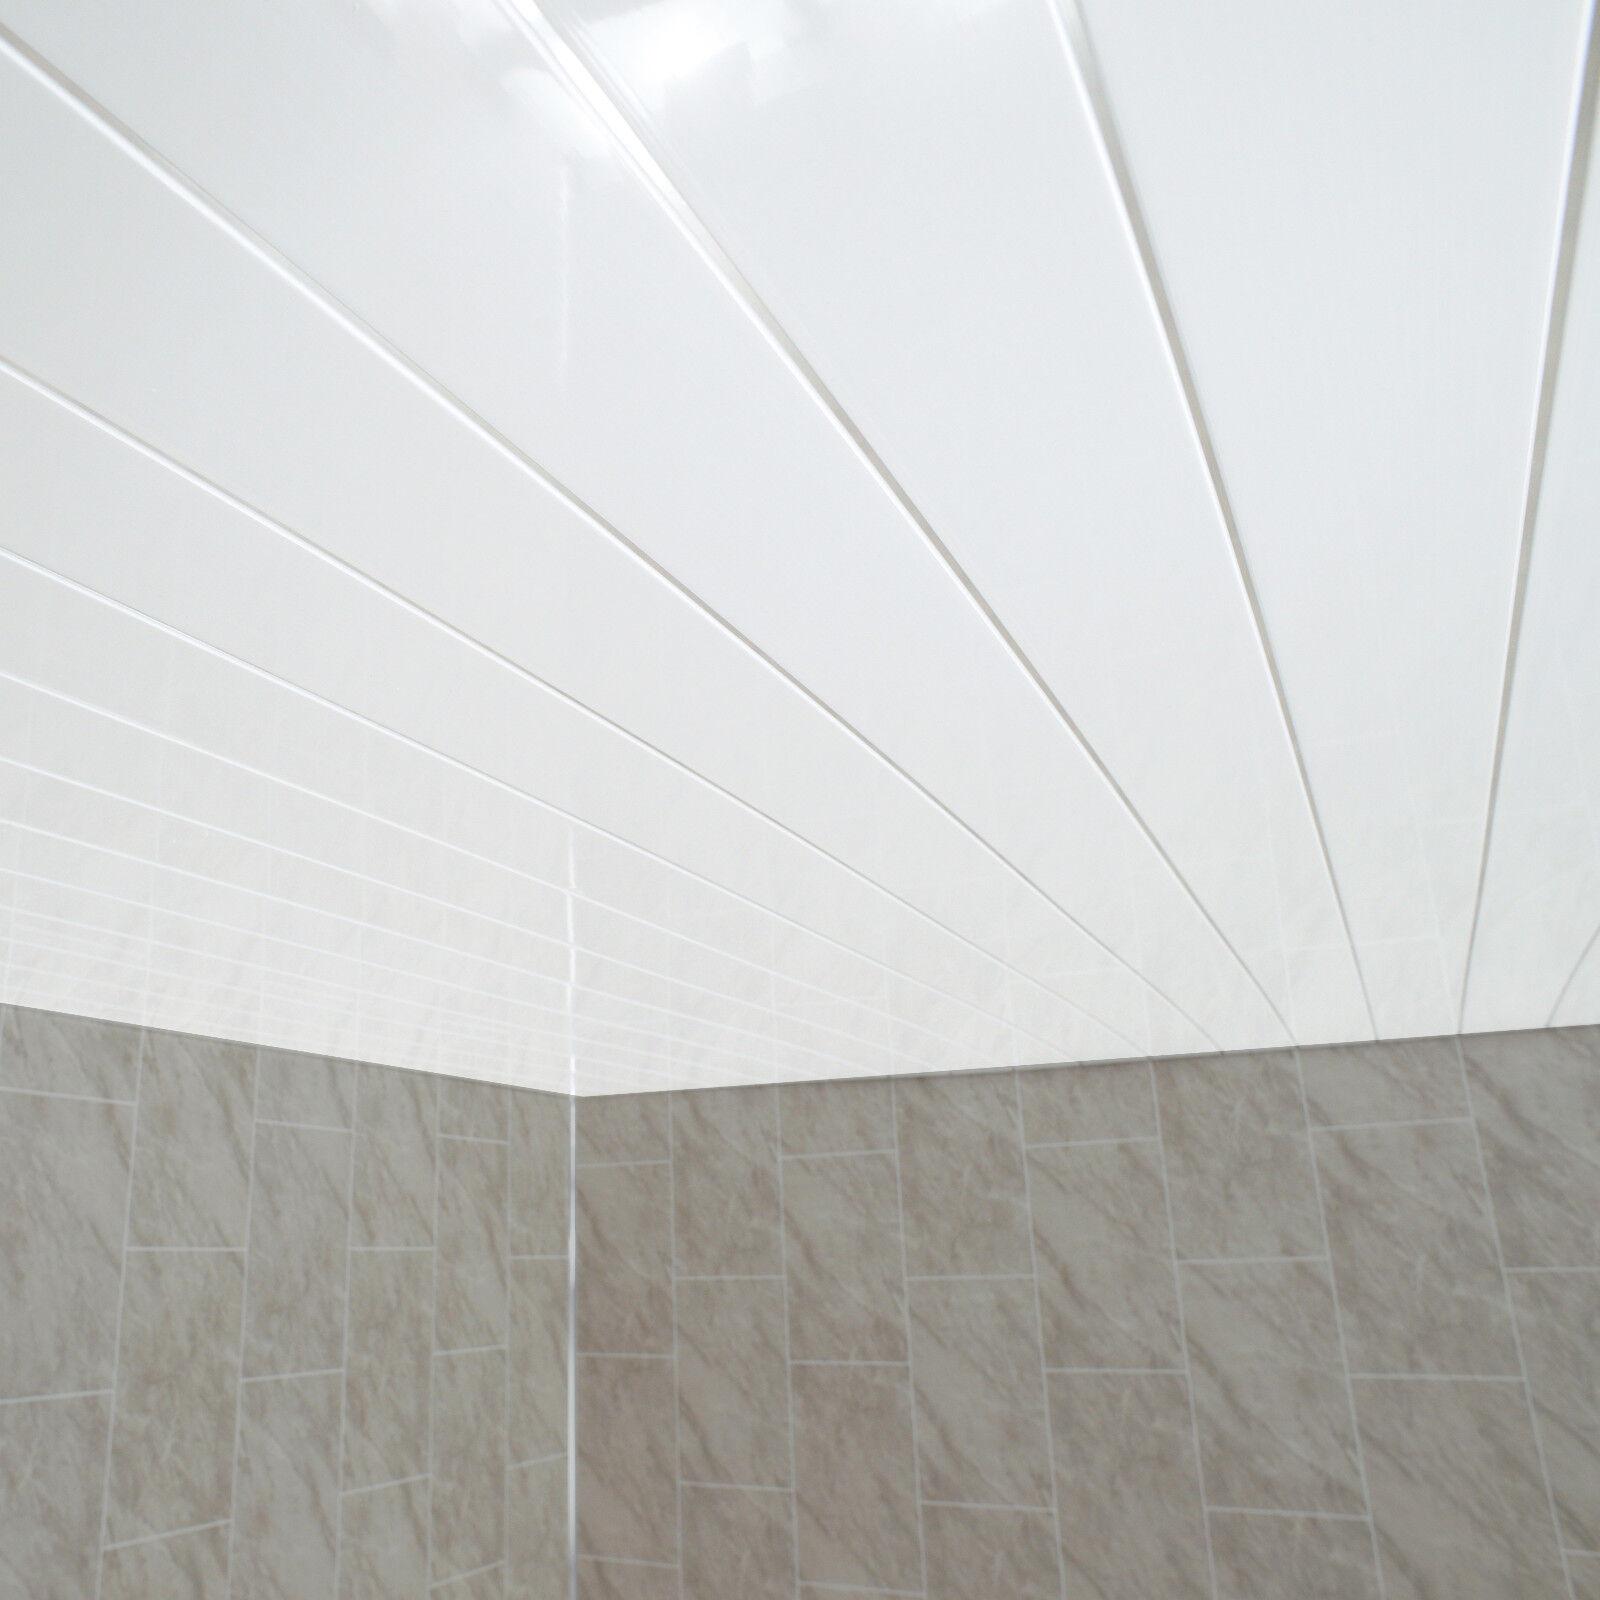 Gloss White Chrome Strip Bathroom Wall